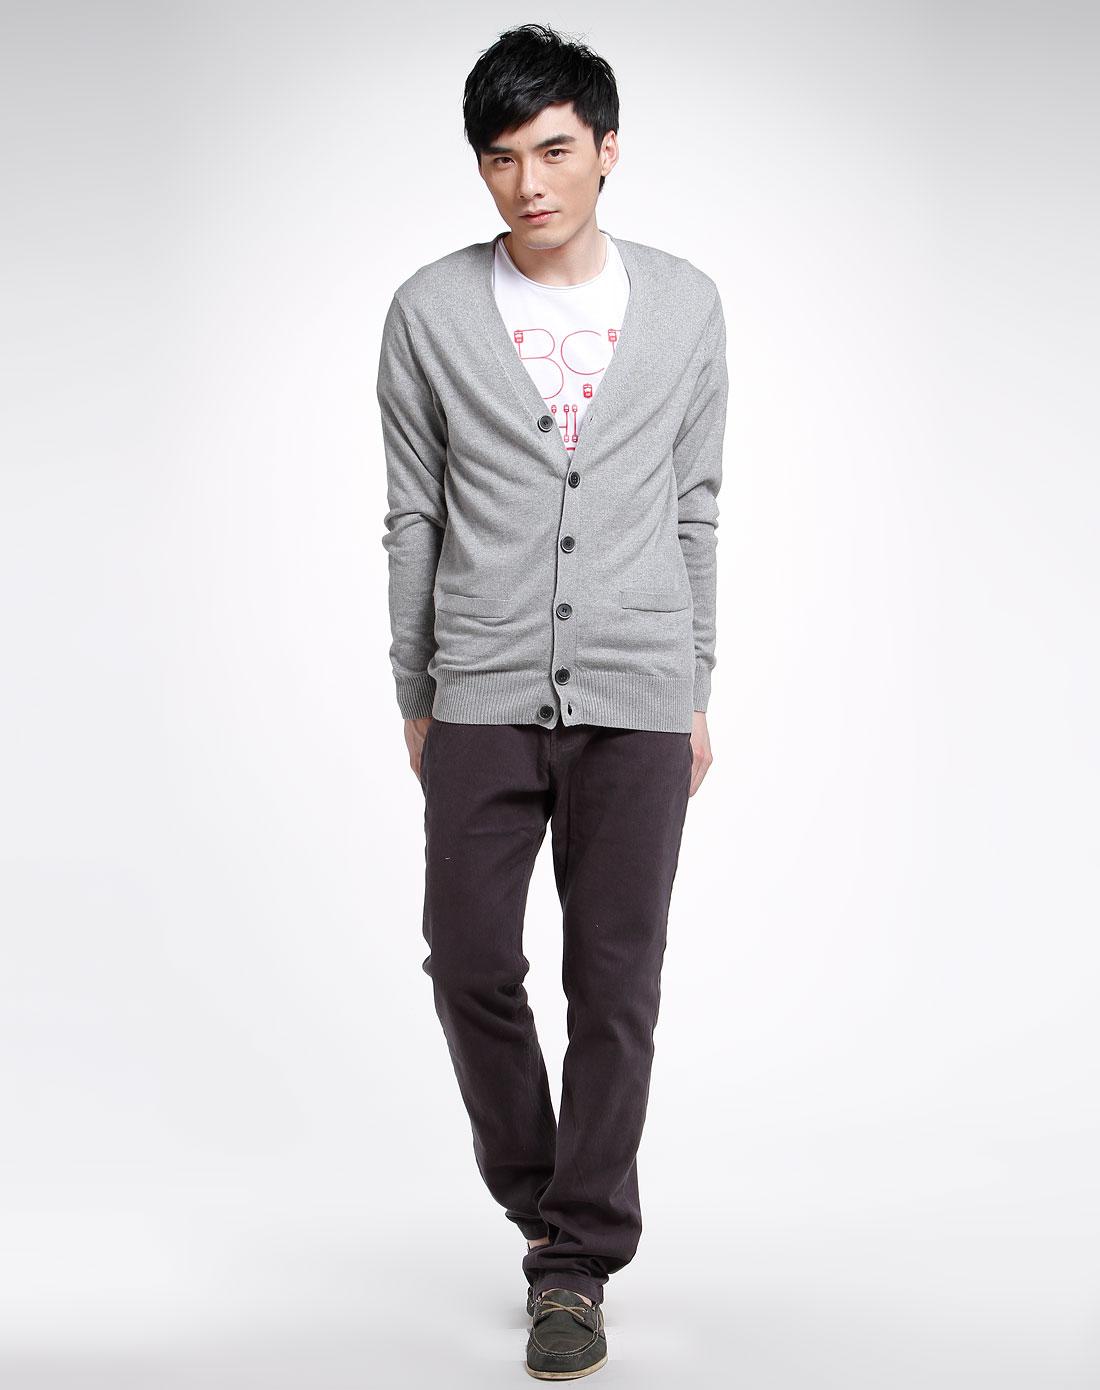 灰色衫怎么搭配上衣图片 灰色百褶裙和上衣的搭配图片